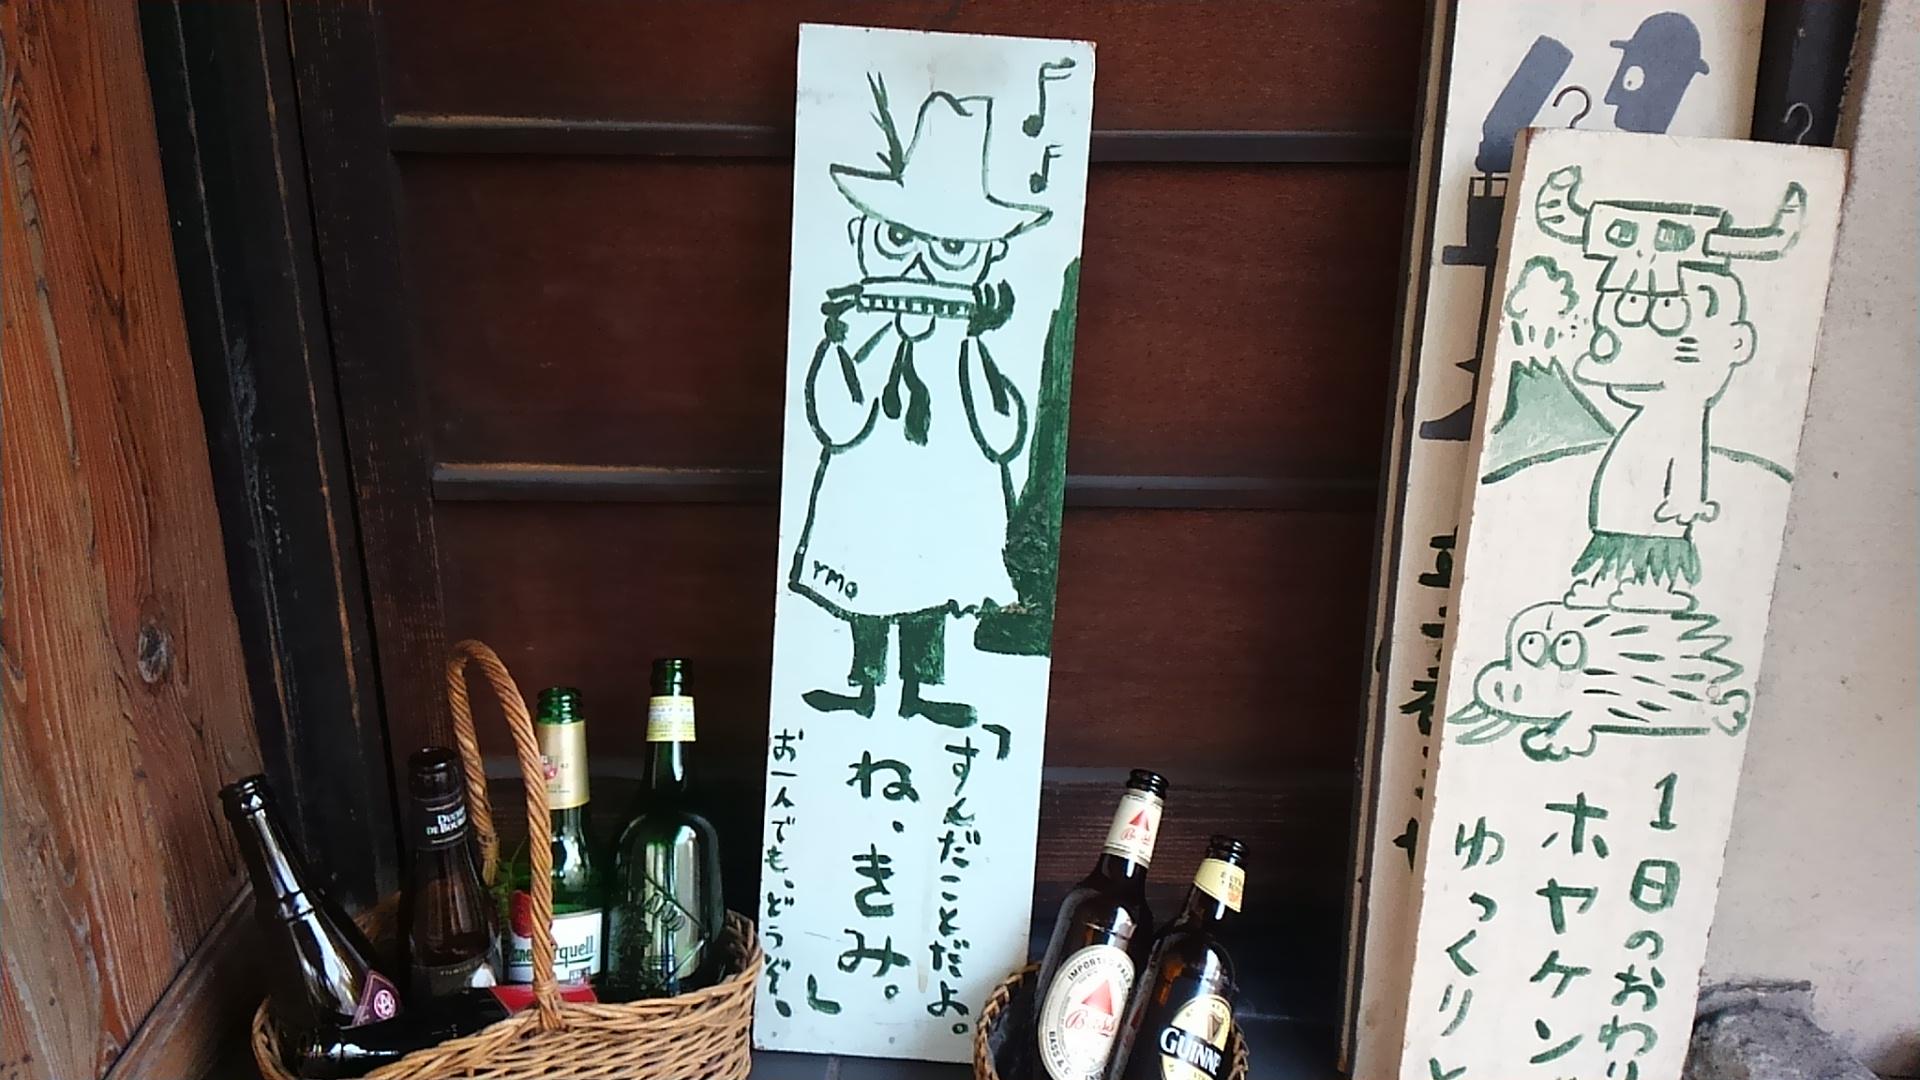 立て看板<スナフキン・細野晴臣>